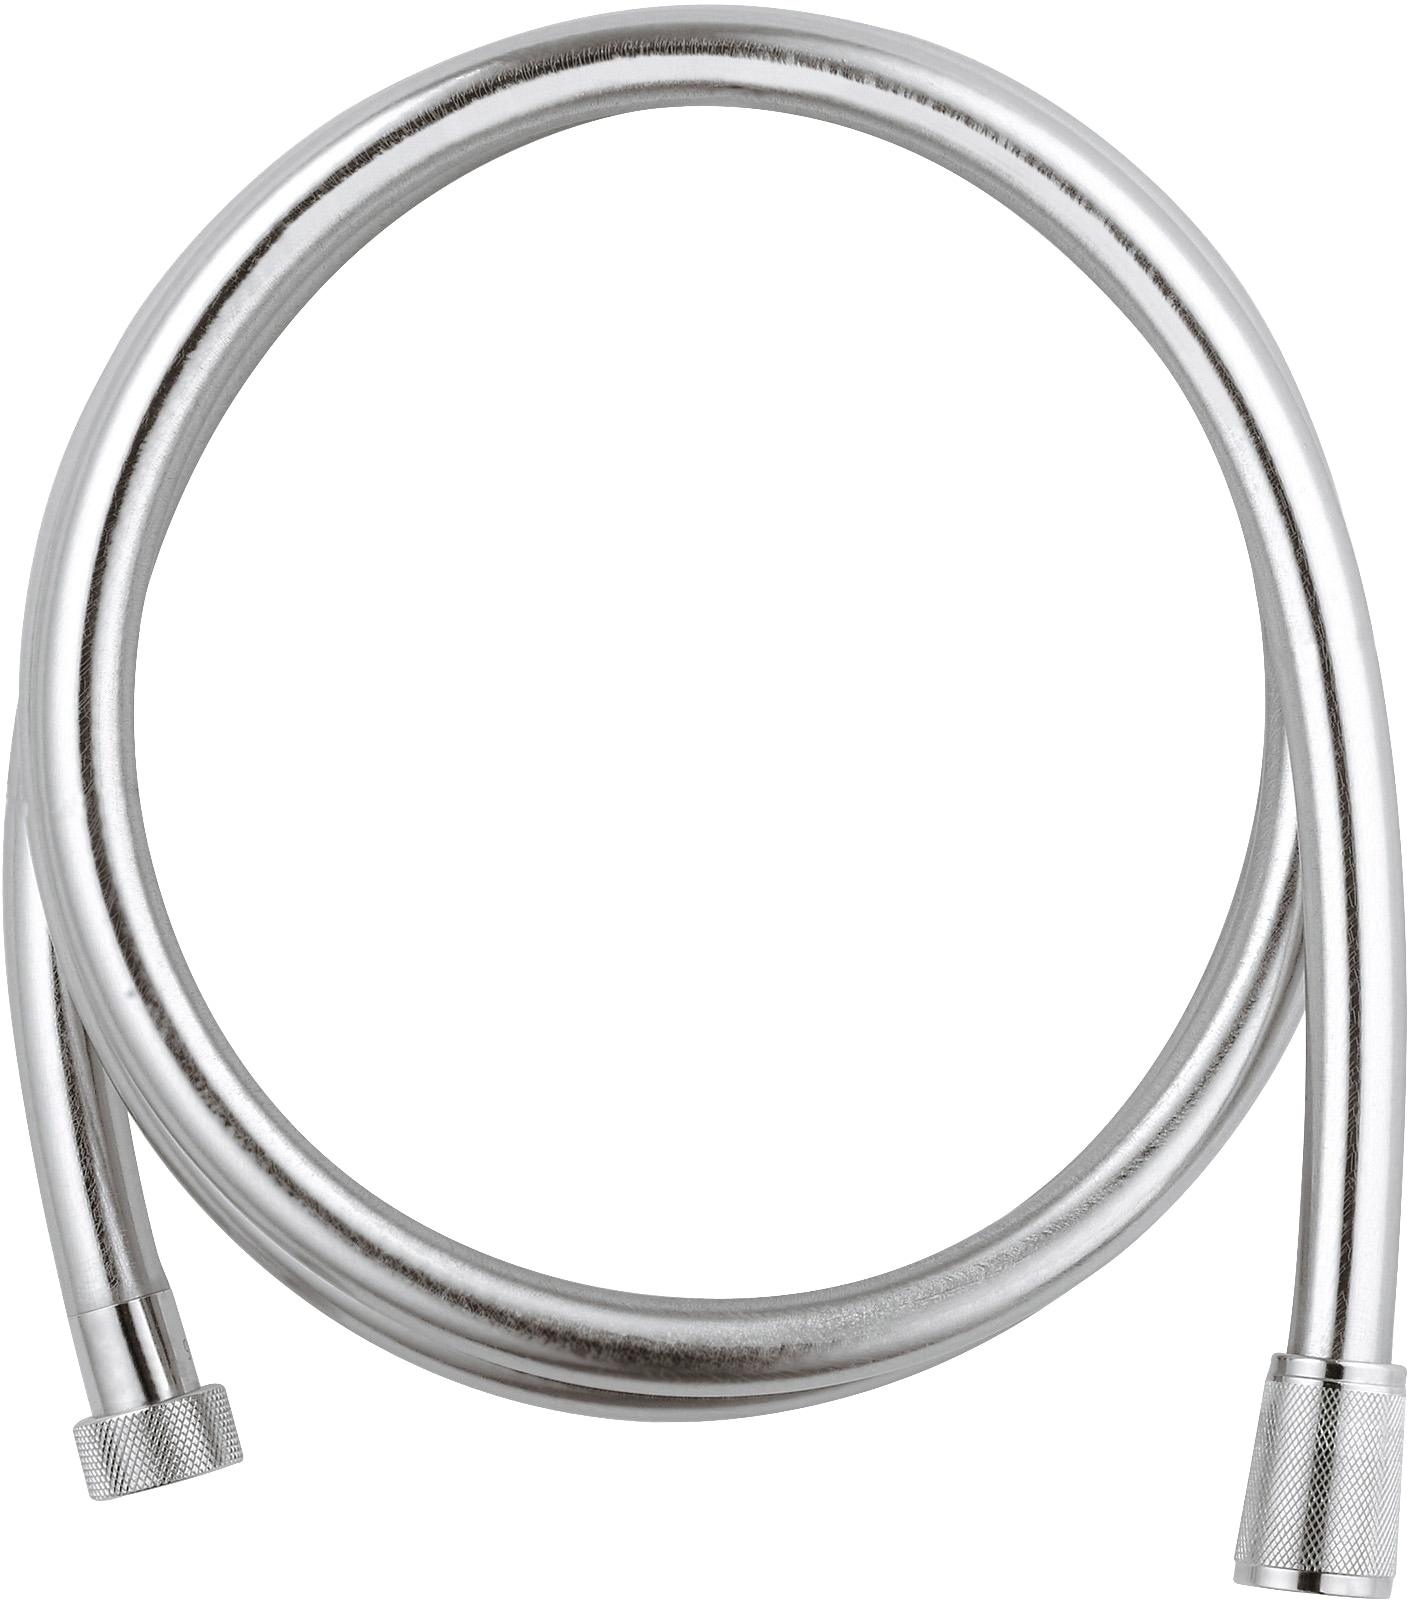 GROHE Duschbrausenschlauch »VitalioFlex Trend 1750«, Länge 175 cm   Bad > Armaturen > Brauseschläuche   Silberfarben   Kunststoff   GROHE